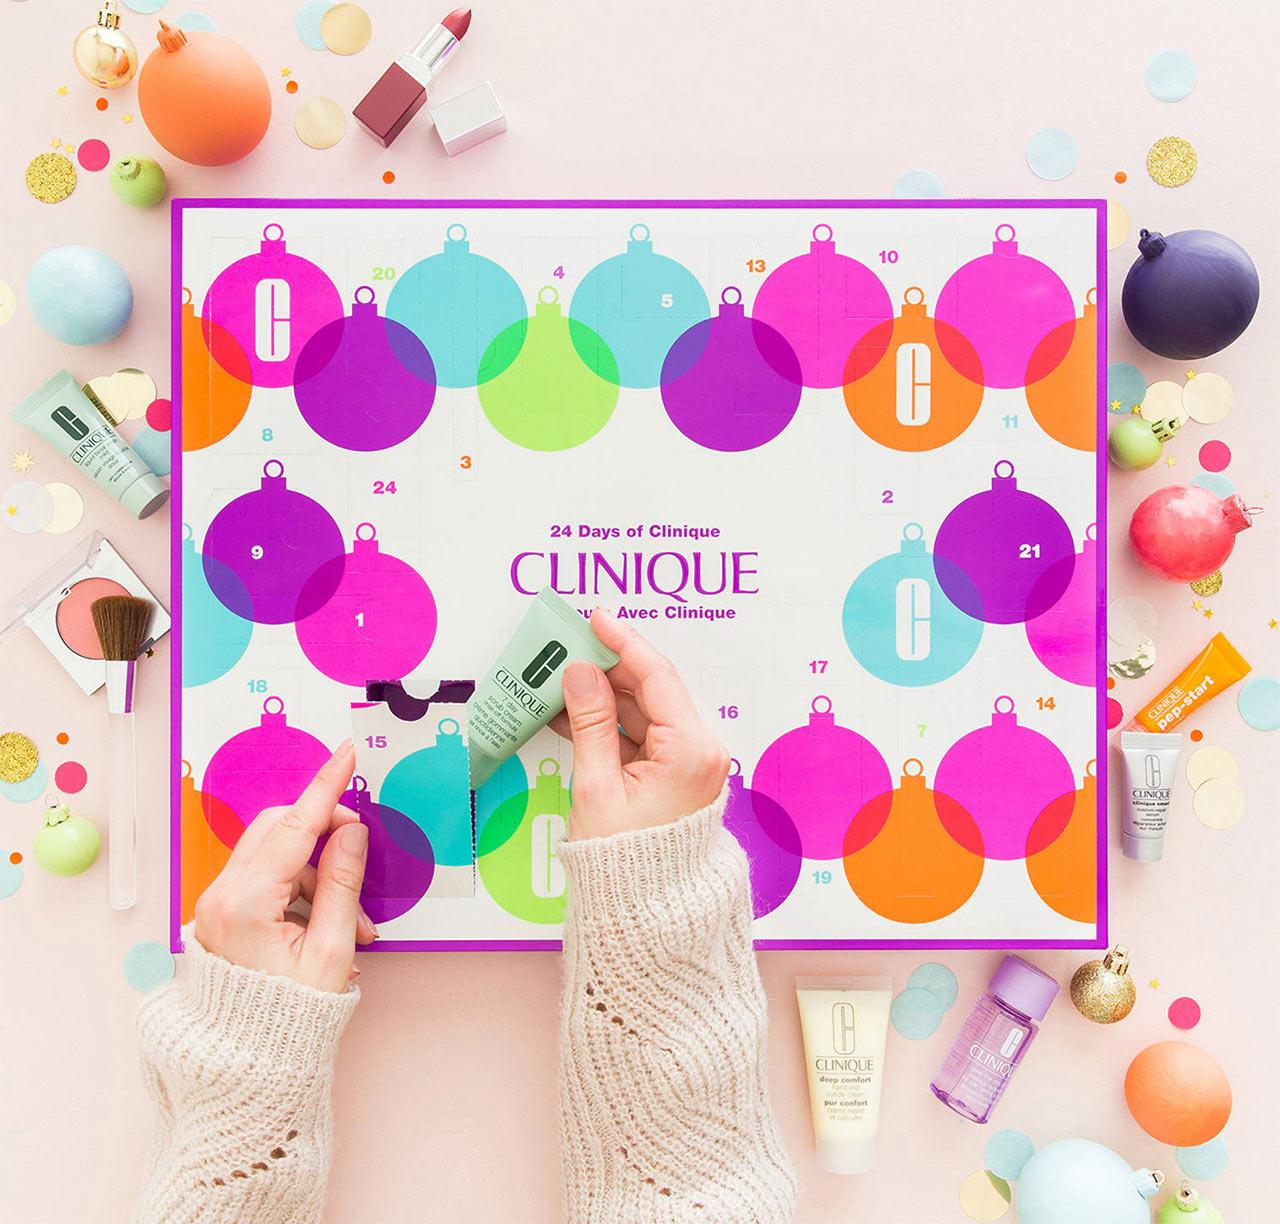 Calendrier de l'avent pour adulte 2018 Clinique, un calendrier plein de cadeaux beauté